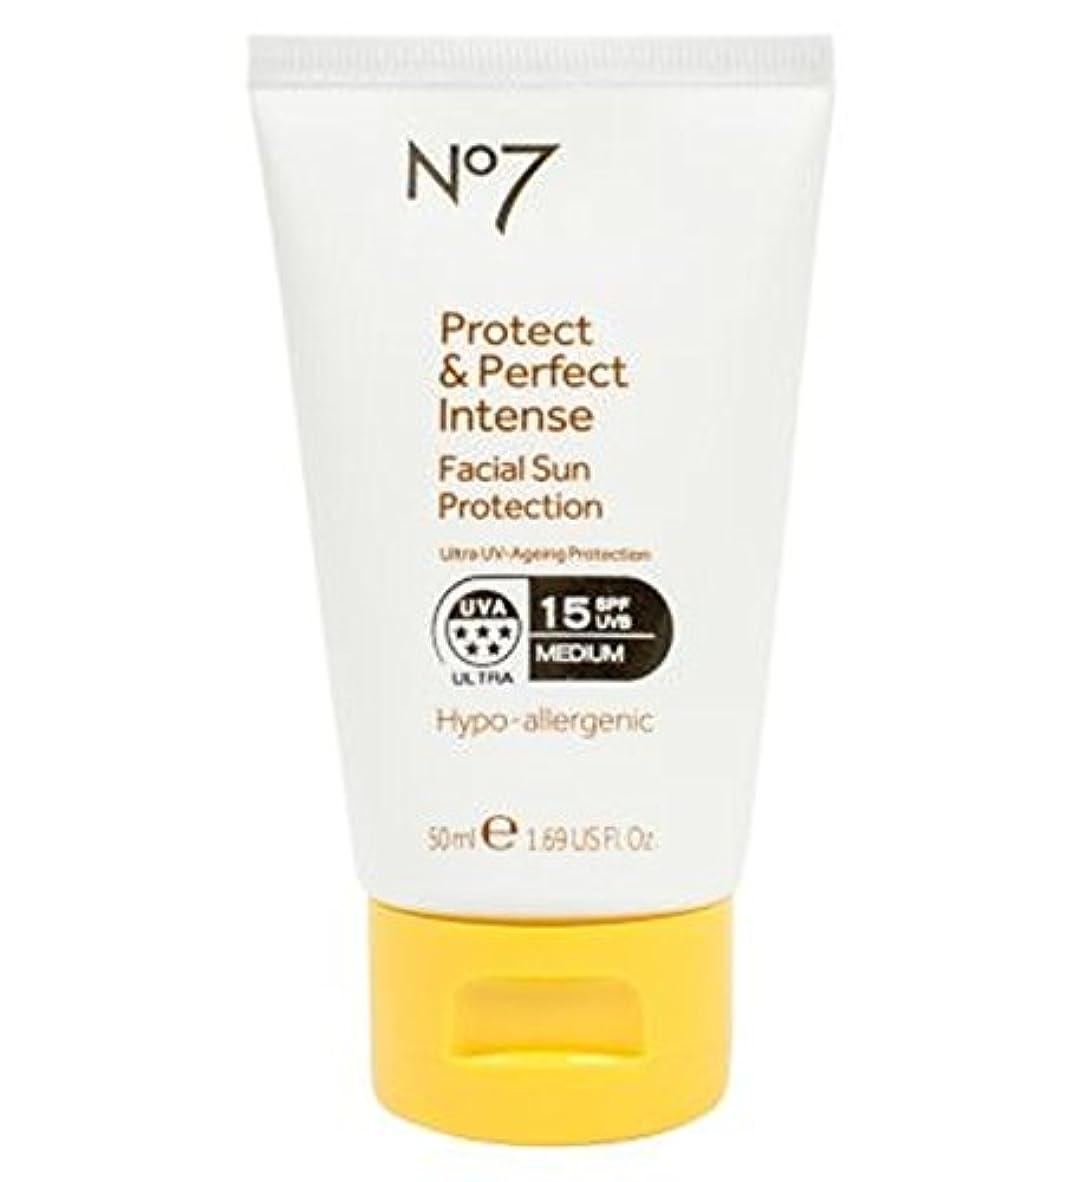 定期的にリフレッシュシードNo7 Protect & Perfect Intense Facial Sun Protection SPF 15 50ml - No7保護&完璧な強烈な顔の日焼け防止Spf 15 50ミリリットル (No7) [並行輸入品]